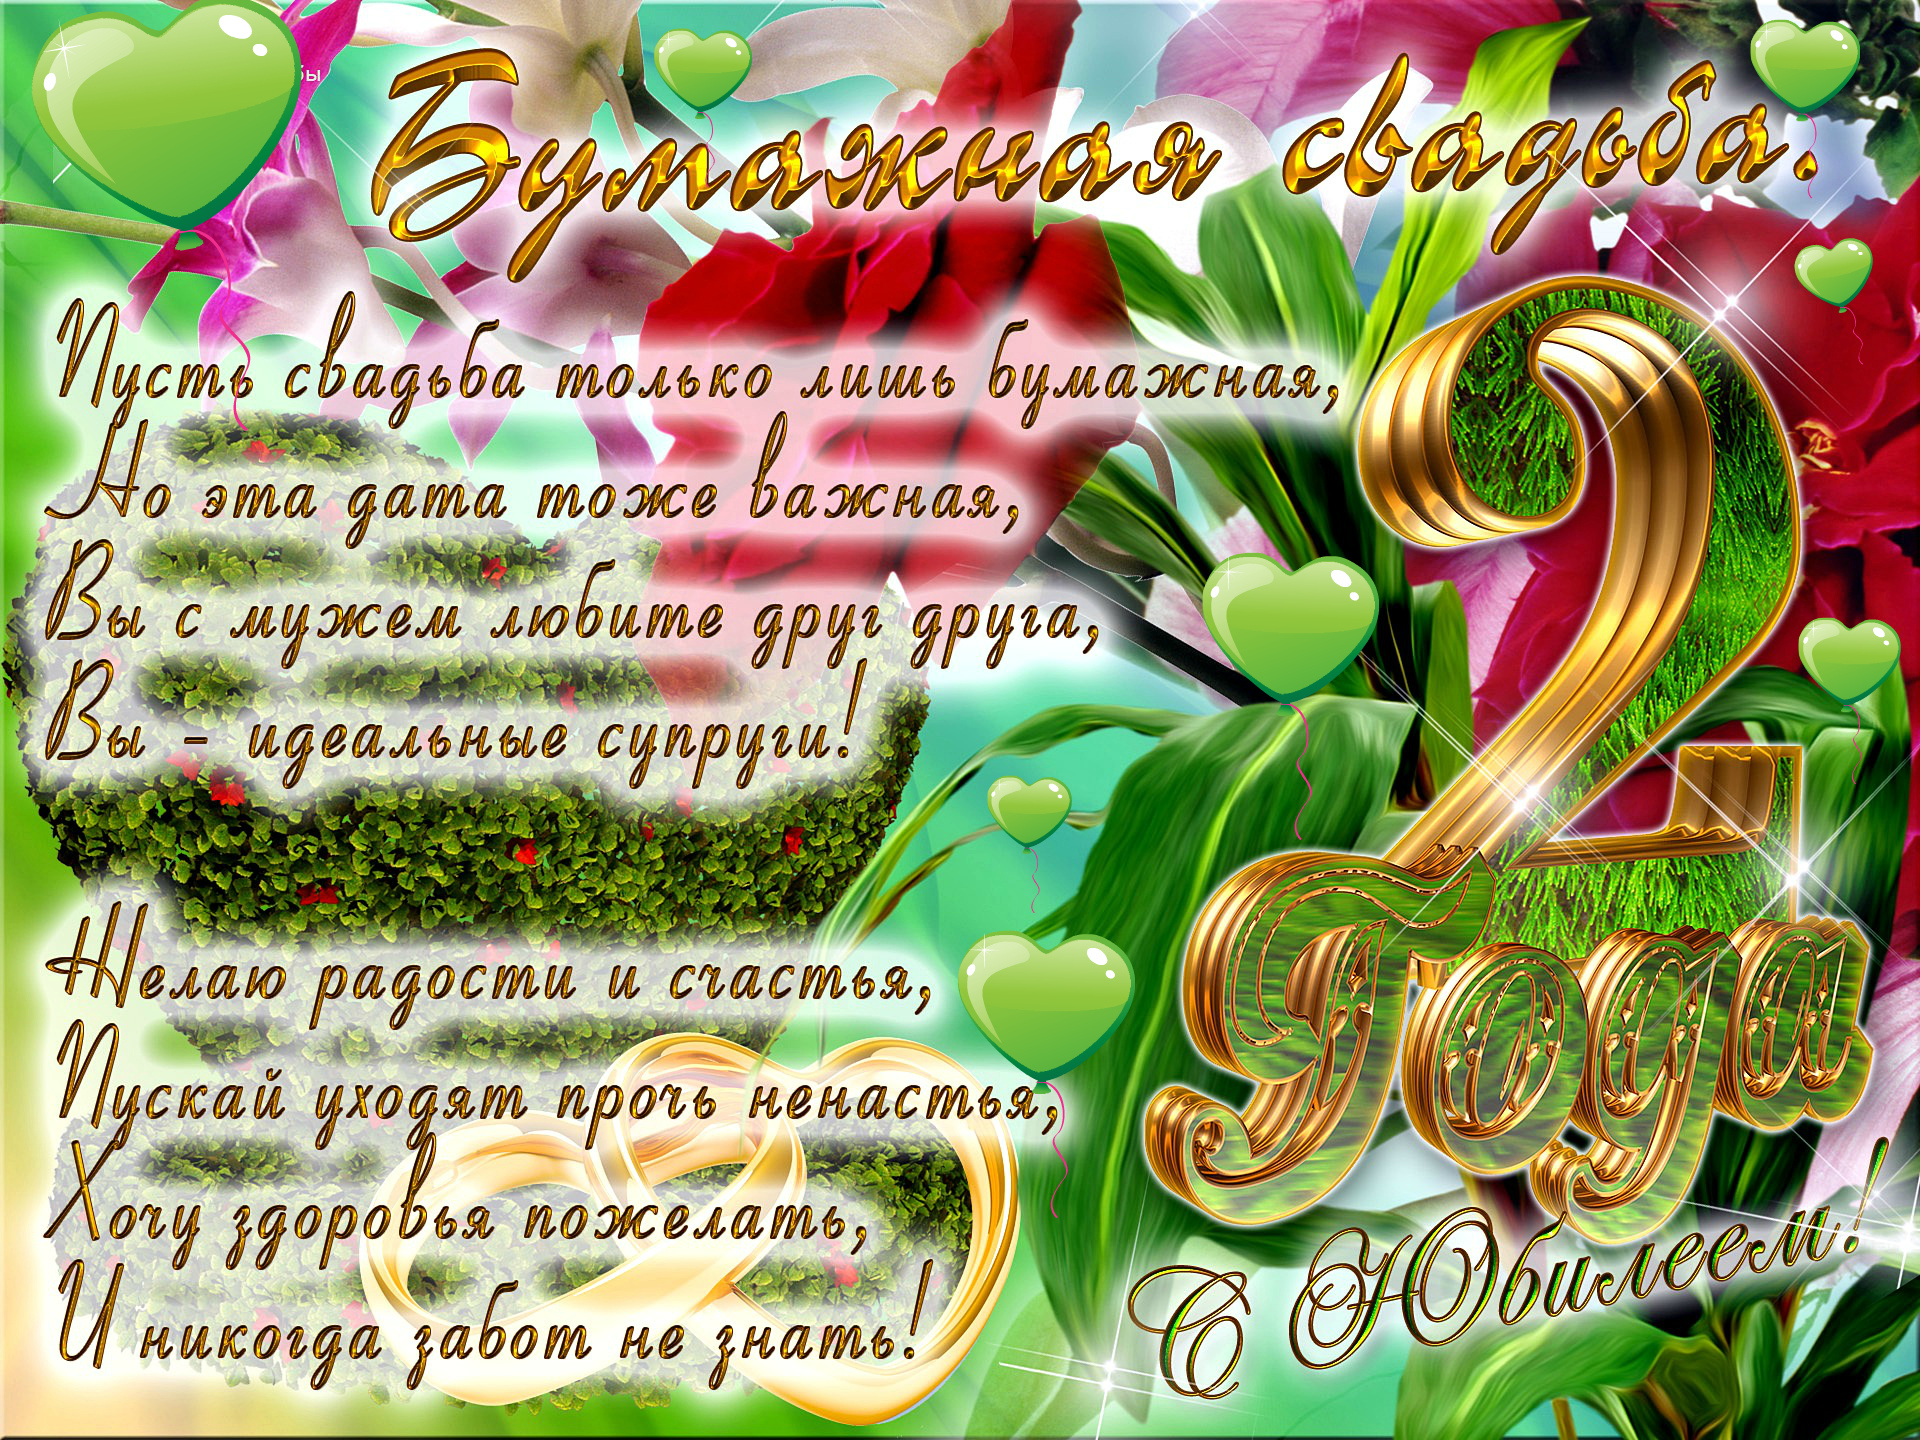 Поздравление на 2-ю годовщину свадьбы